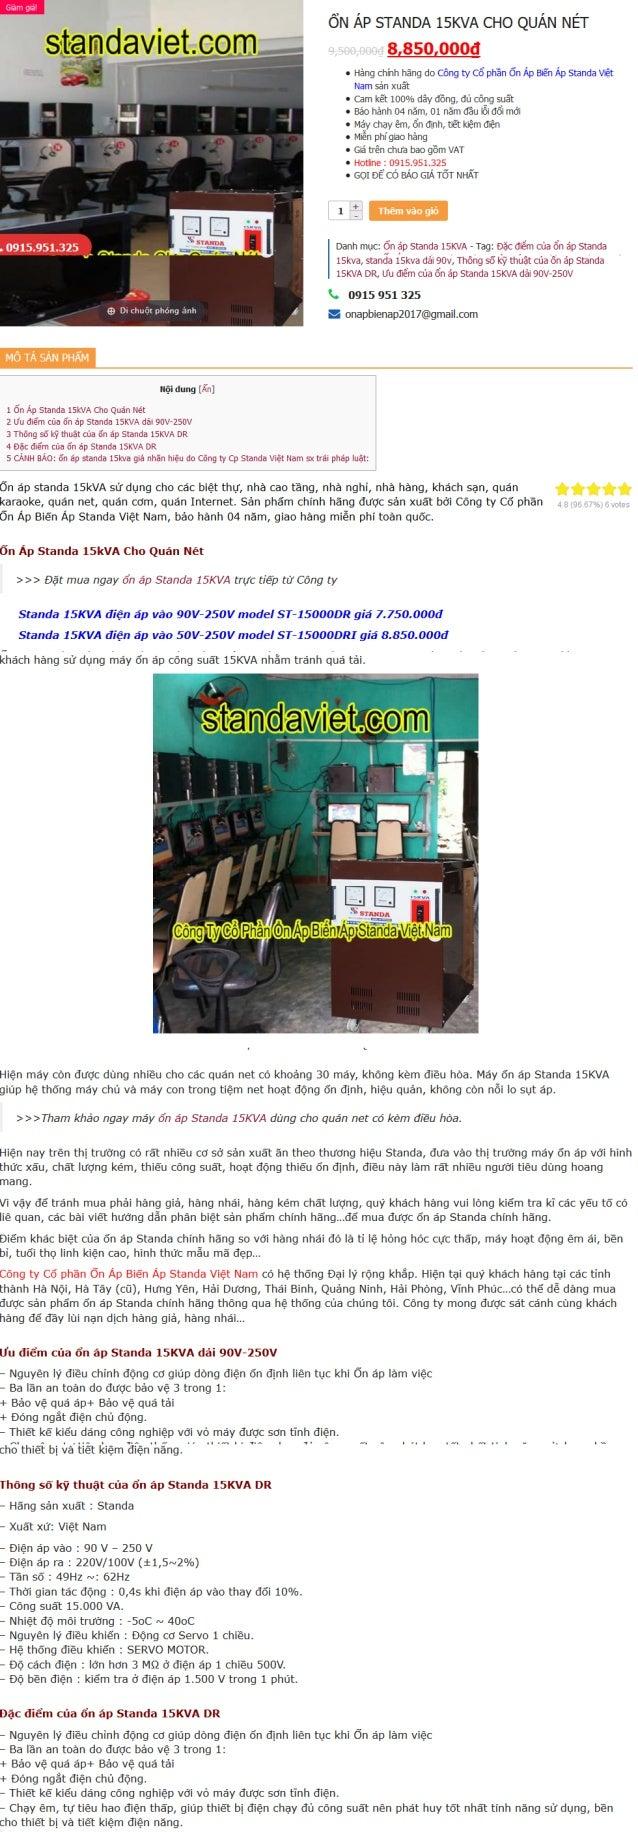 Ổn Áp Standa 15KVA DR Chuyên Sử Dụng Cho Quán Game Và Hàng Net